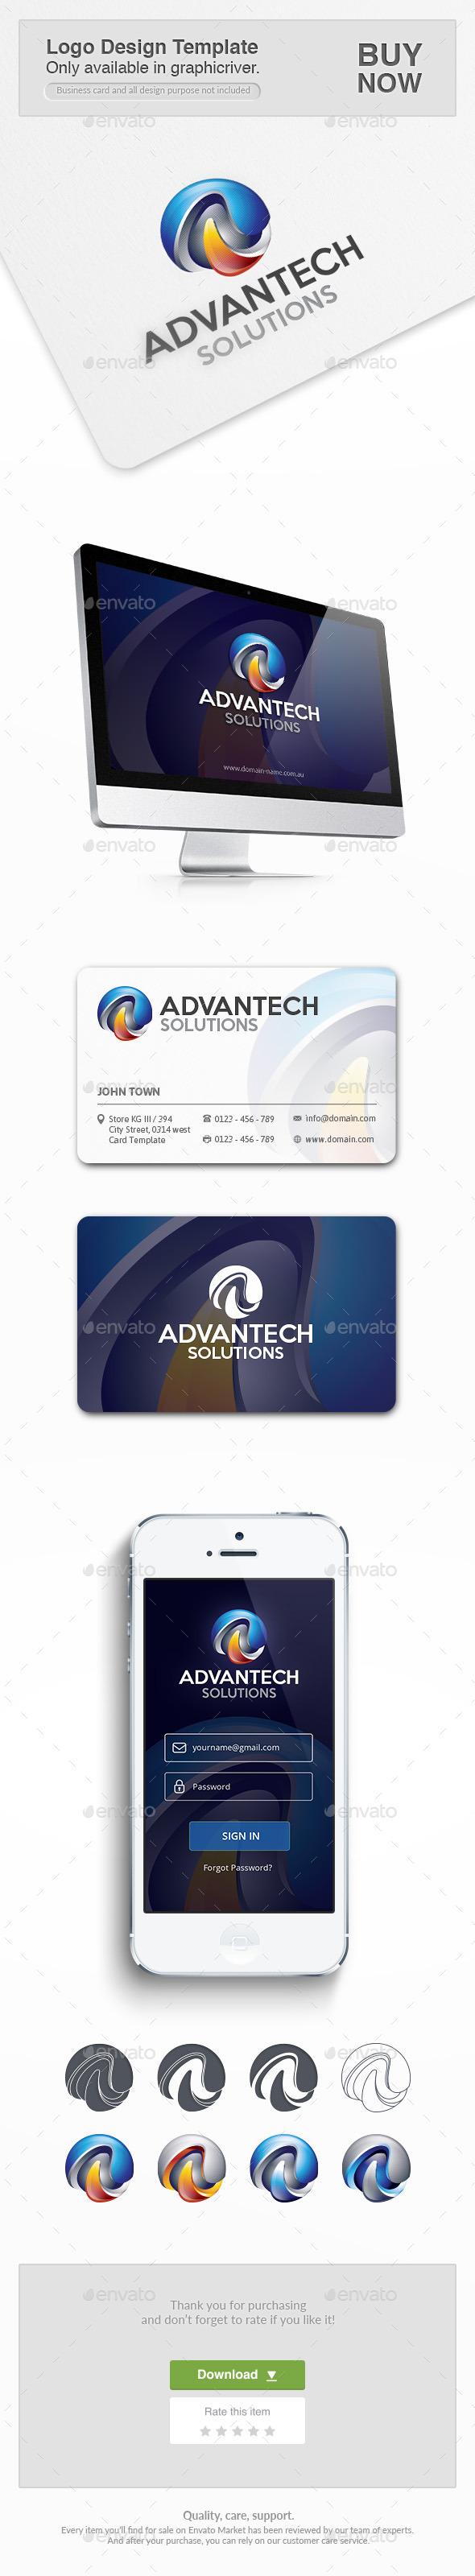 Advan Tech